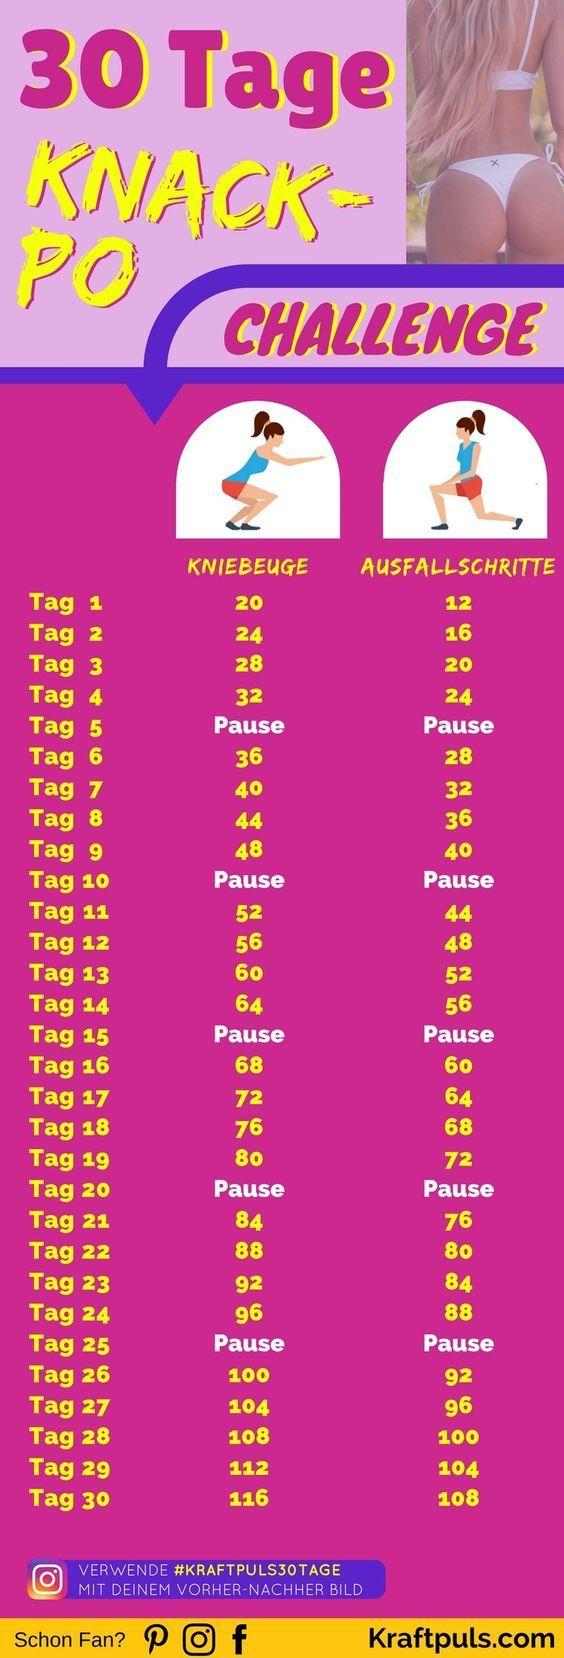 30-Tage Po Challenge: Mit Plan in nur 30 Tagen zum KNACKPO #fitness #workout #übungen #abnehmen #deutsch via @kraftpuls